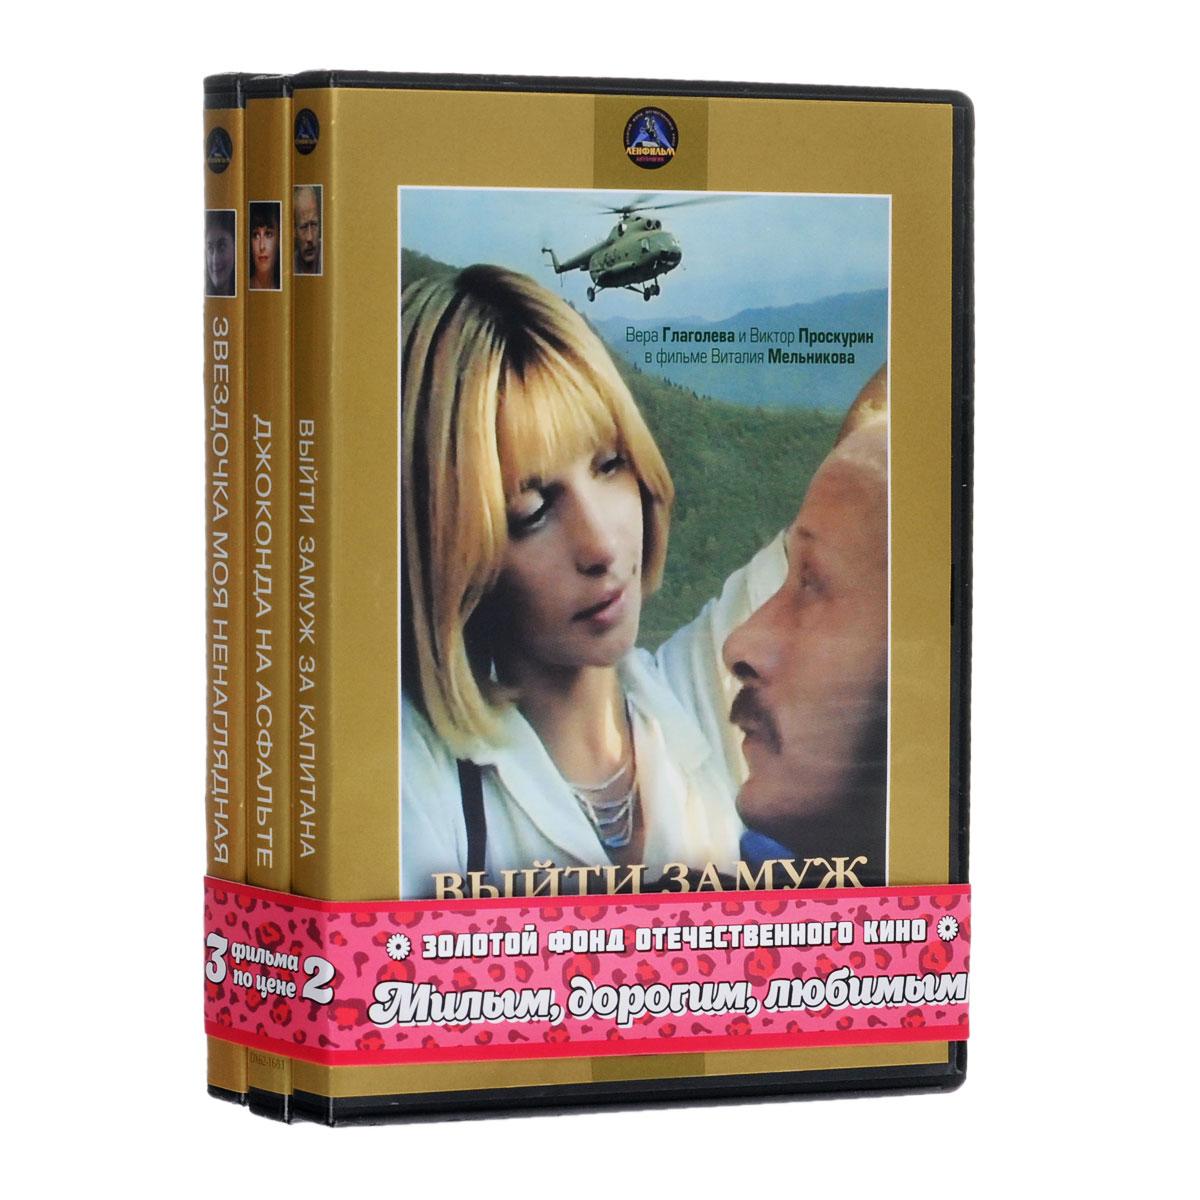 Милым, дорогим, любимым: Выйти замуж за капитана / Джоконда на асфальте / Звездочка моя ненаглядная (3 DVD) моя жизель dvd